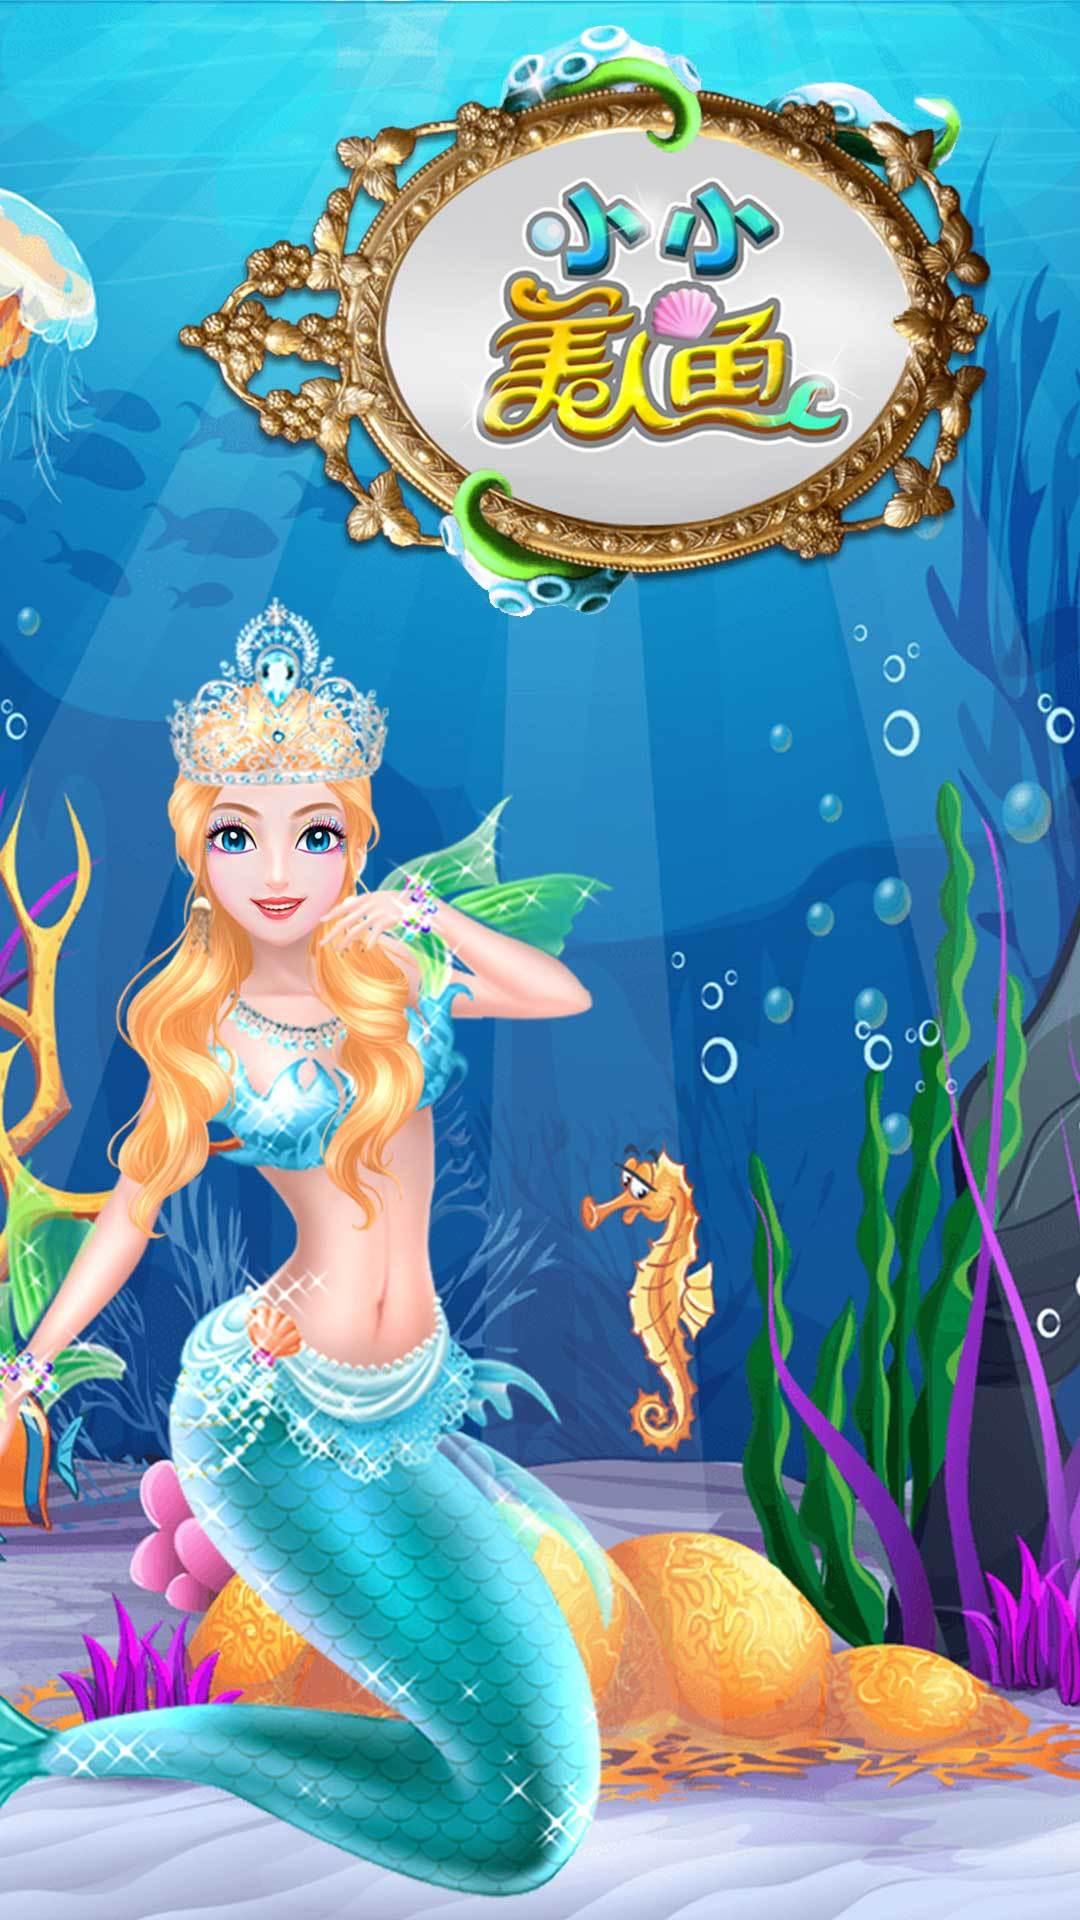 美人鱼公主软件截图0